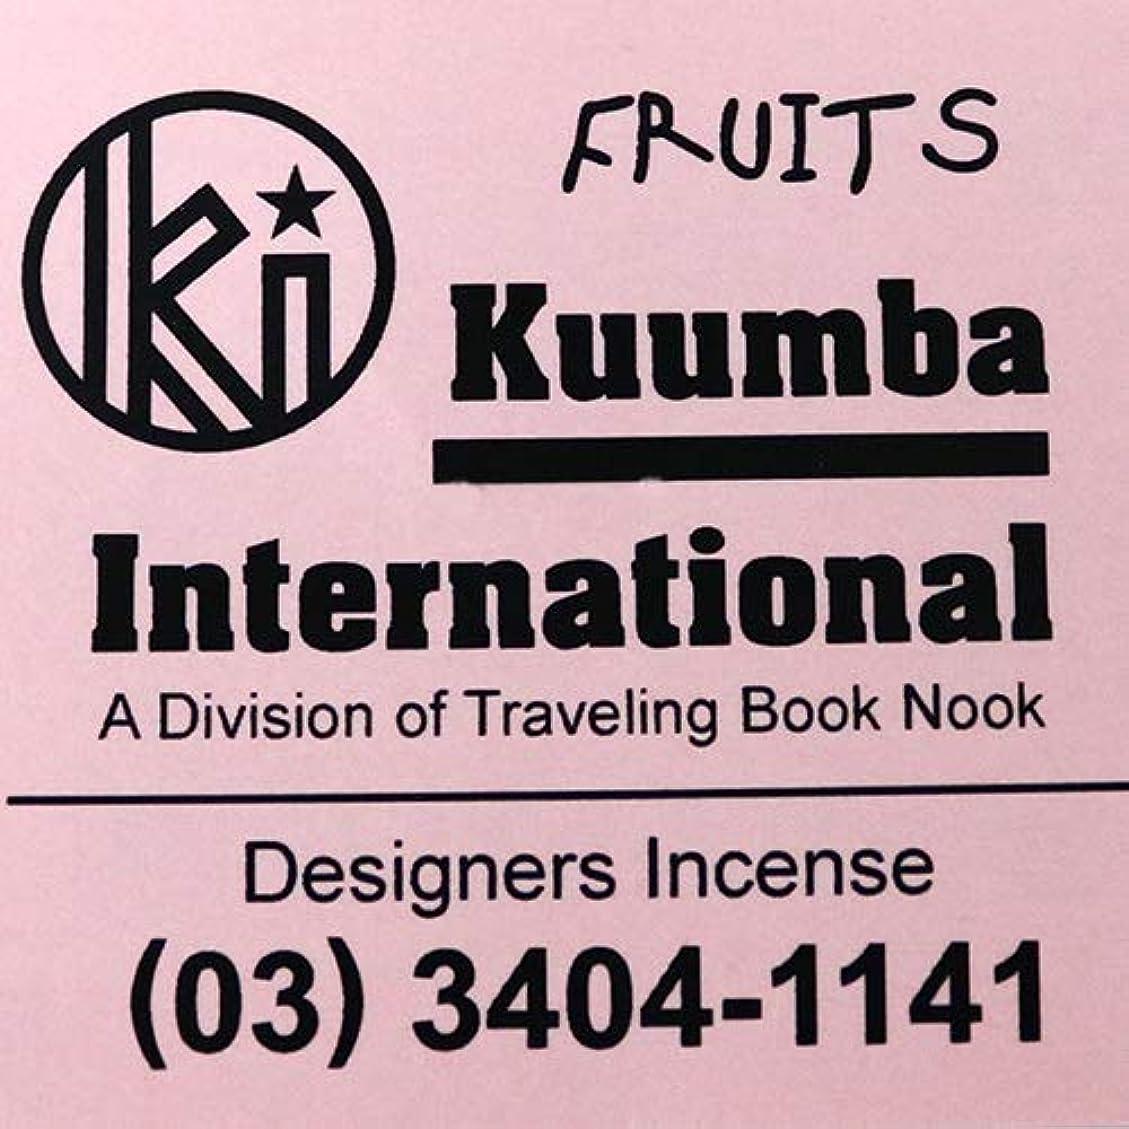 もう一度ボイコット援助する(クンバ) KUUMBA『incense』(FRUITS) (FRUITS, Regular size)